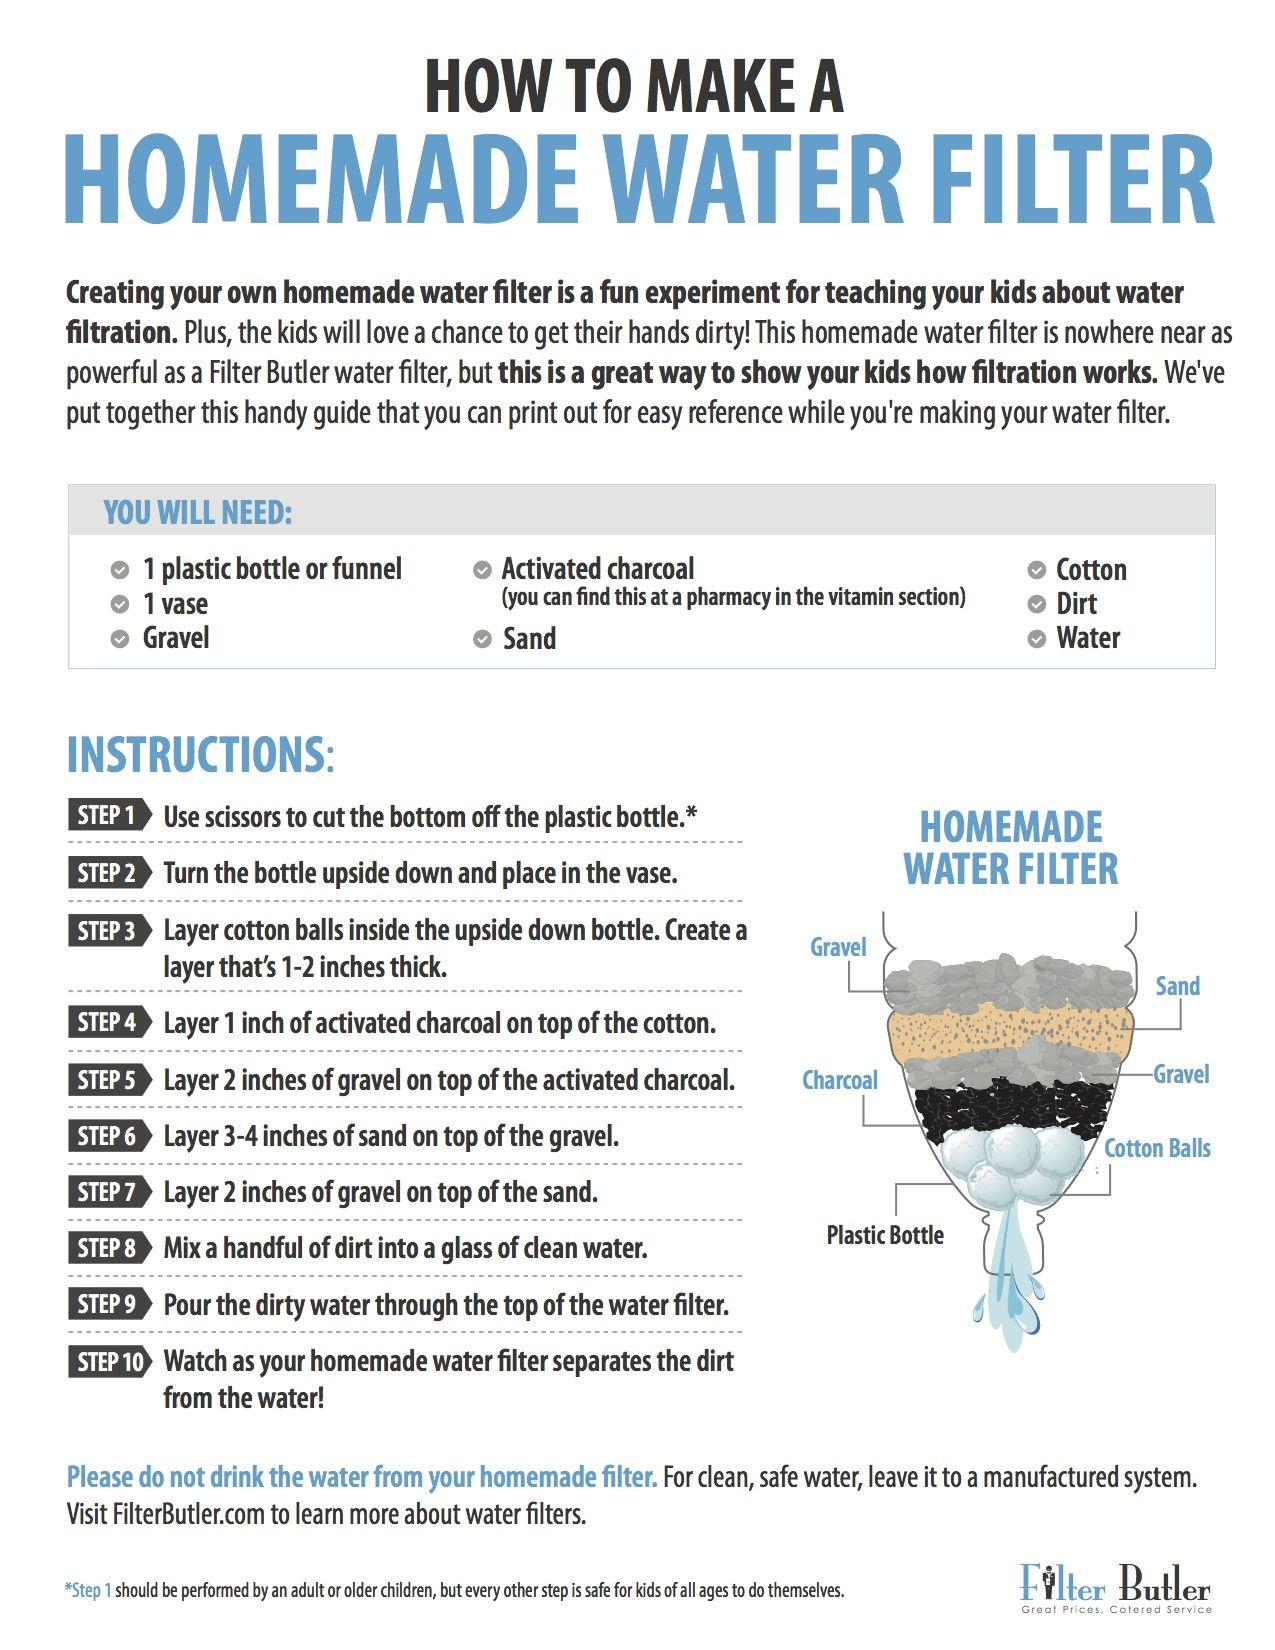 Filter Butler Guide V02 060515 1 Copy